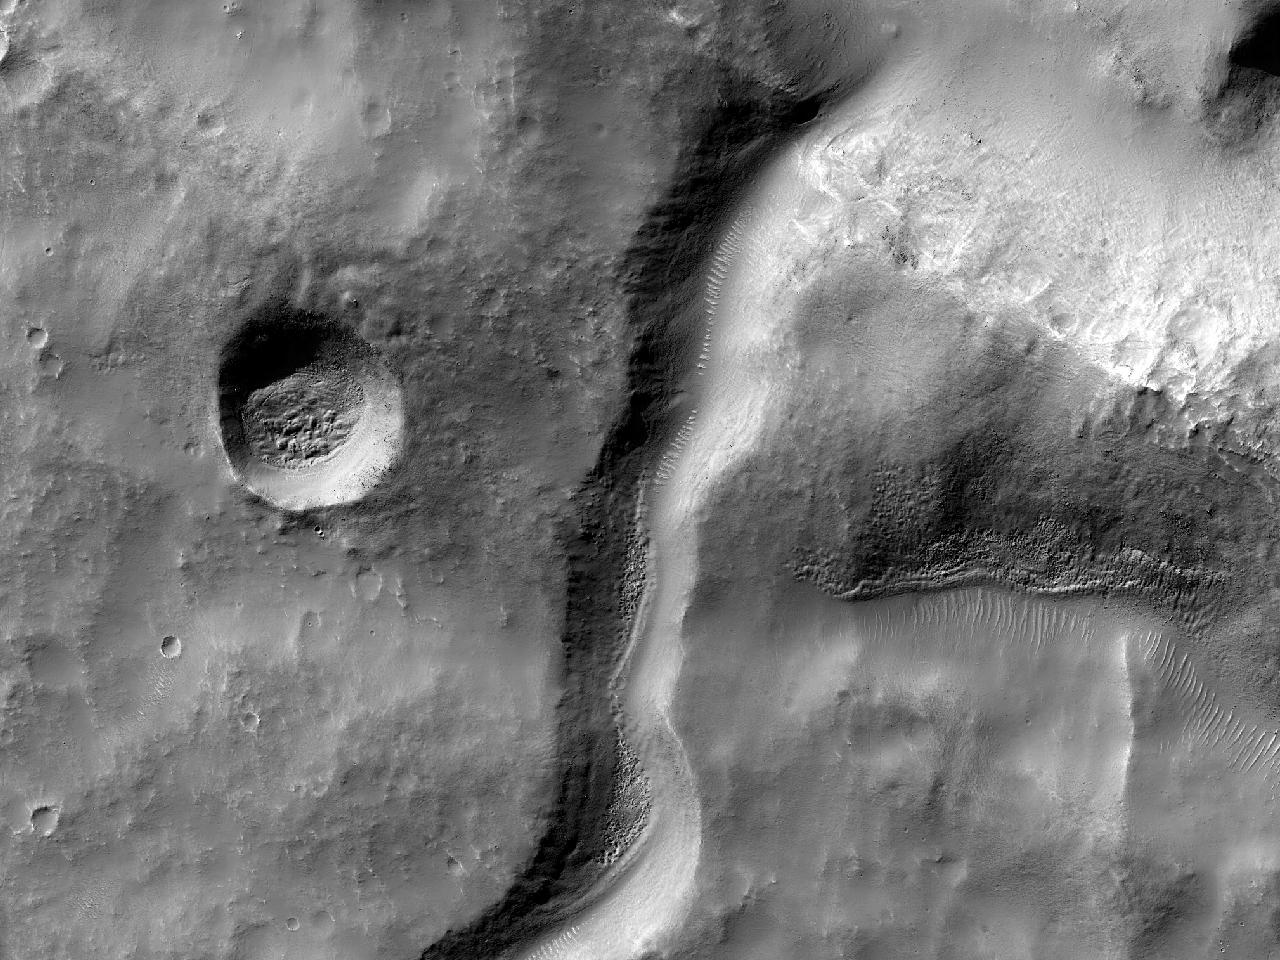 Valle in Icaria Planum